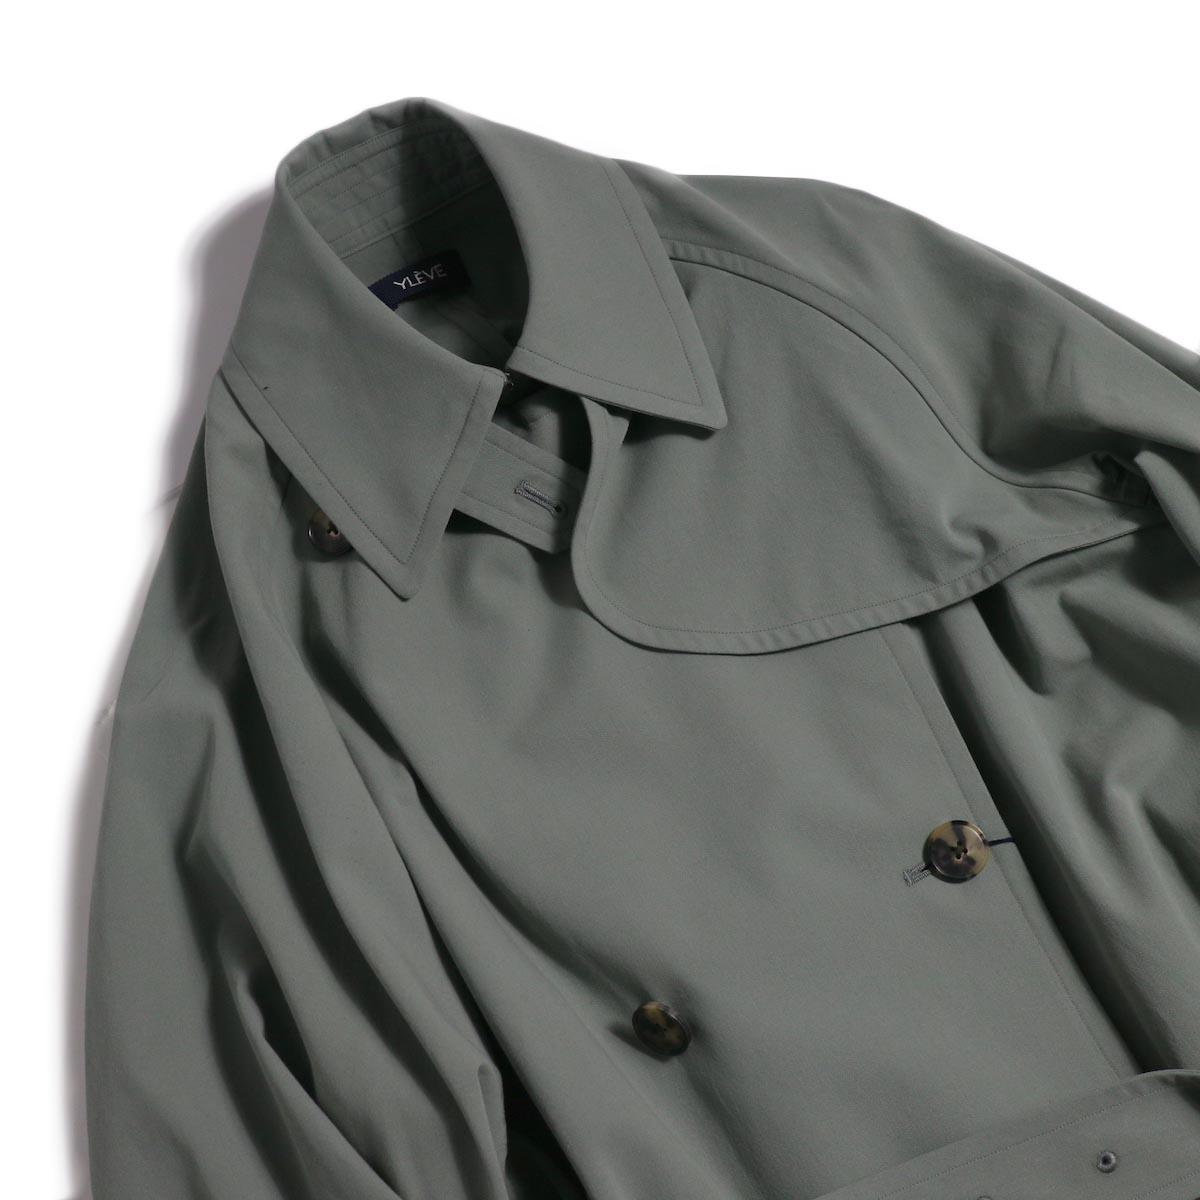 YLEVE / Cotton/Linen High Twist Twill Coat -Sage 襟元